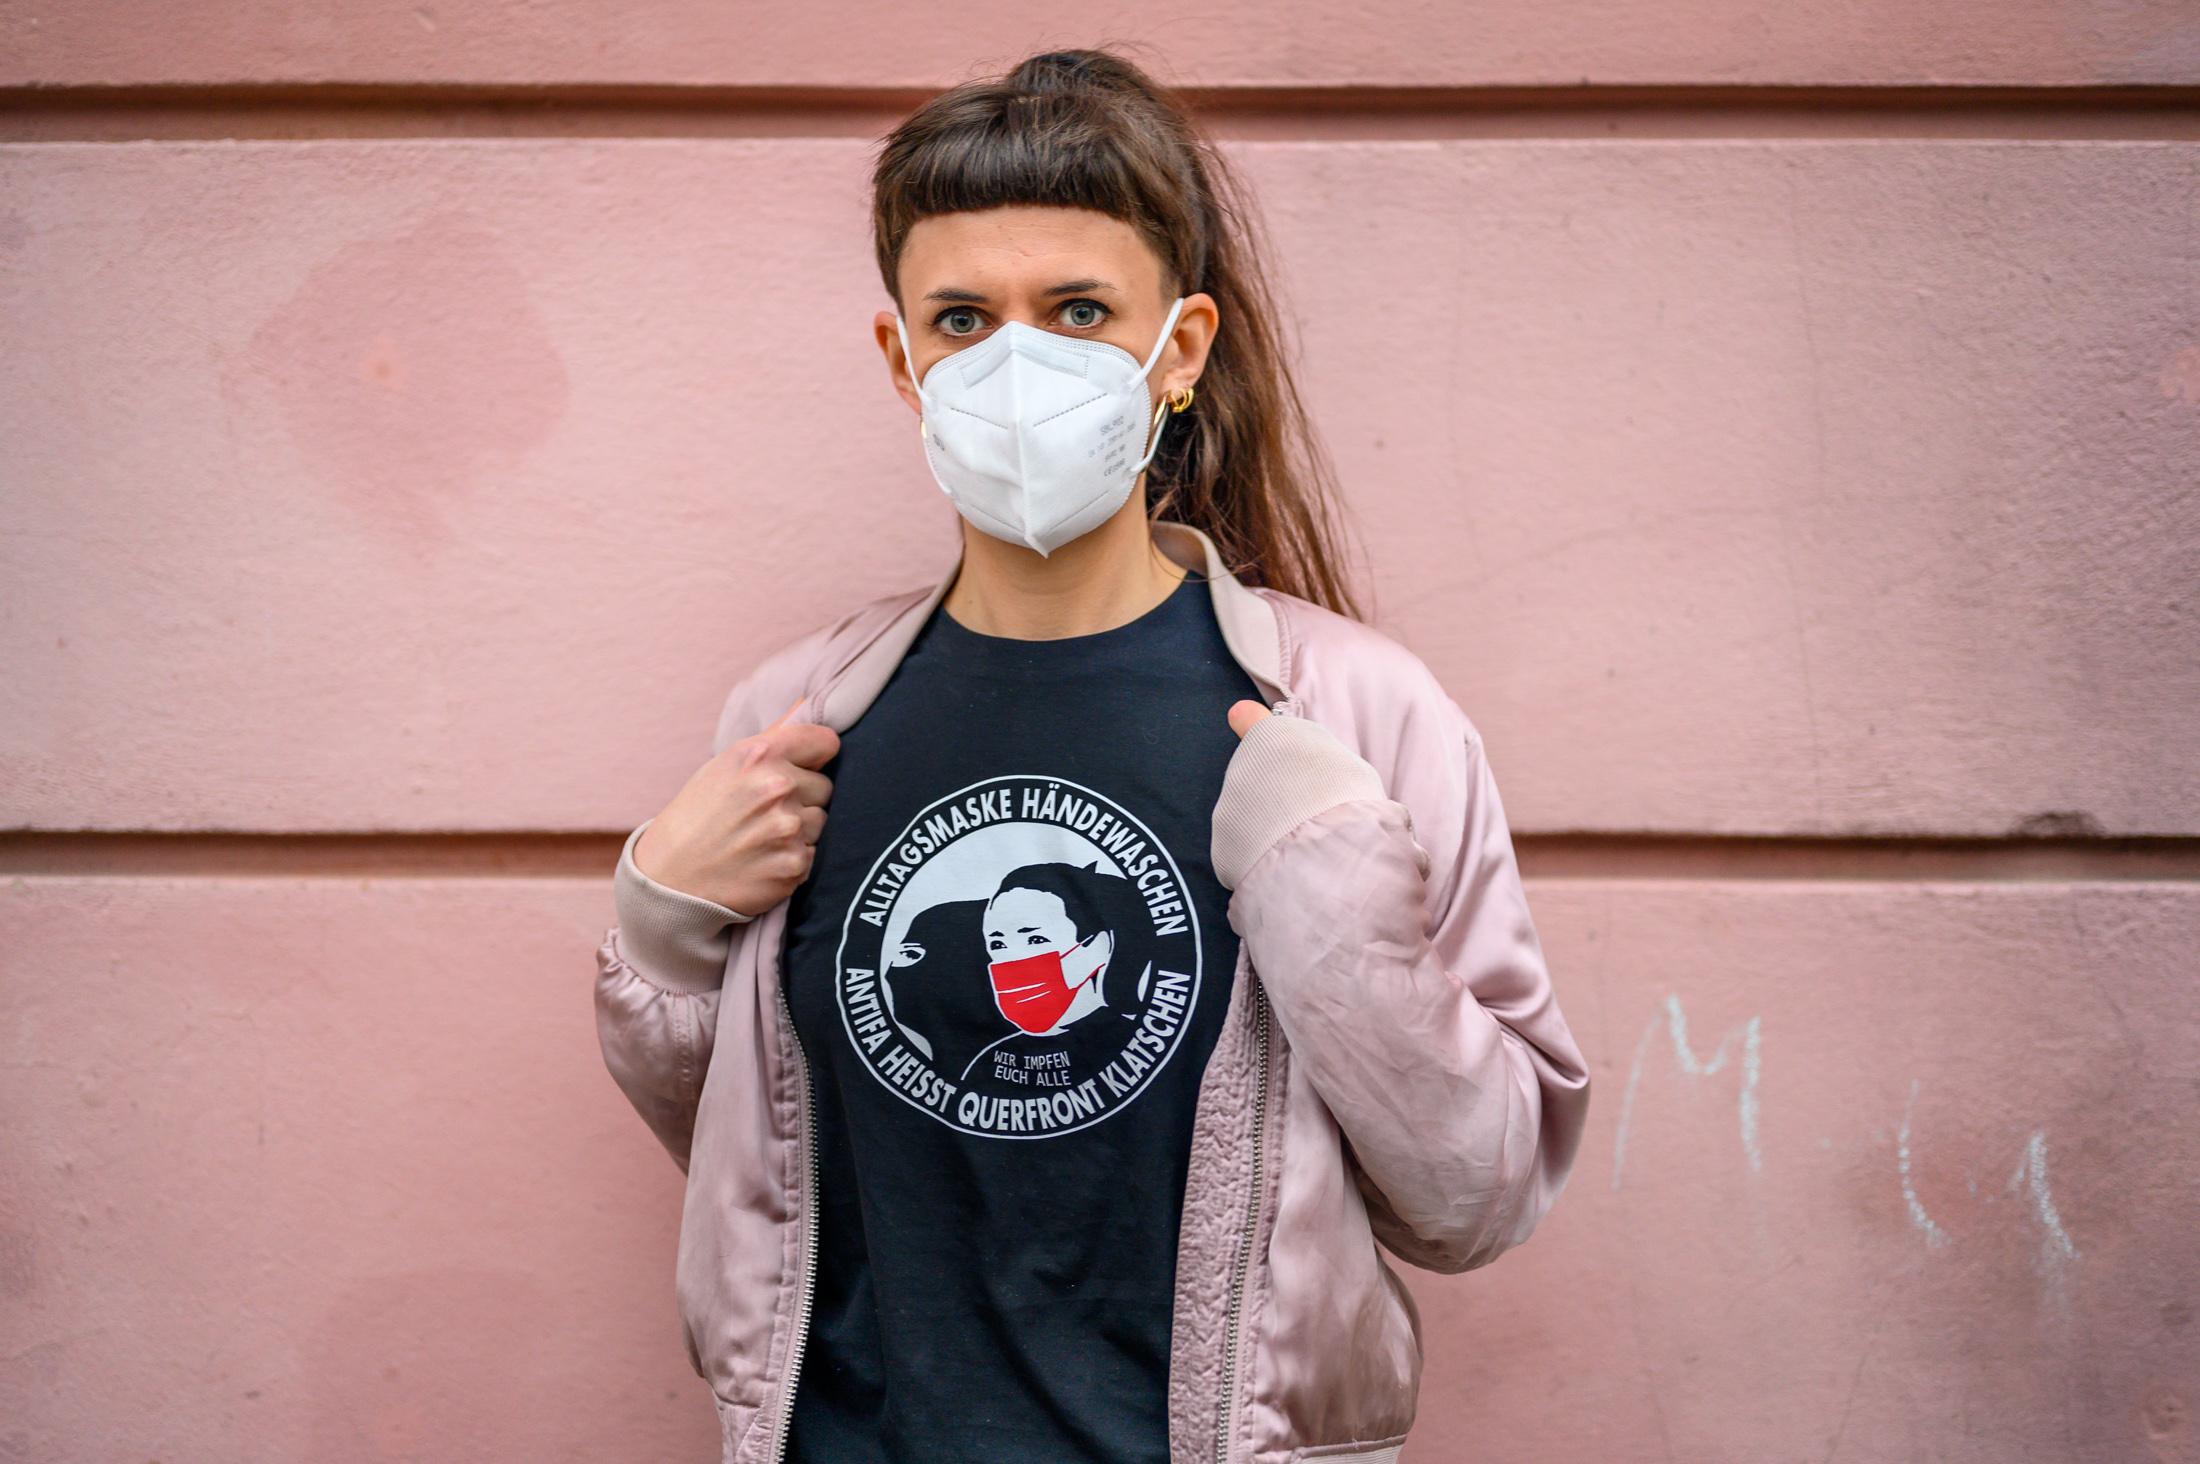 """Shirt mir Aufschrift: """"Alltagsmaske Händewaschen Antifa heisst Querfront klatschen"""""""